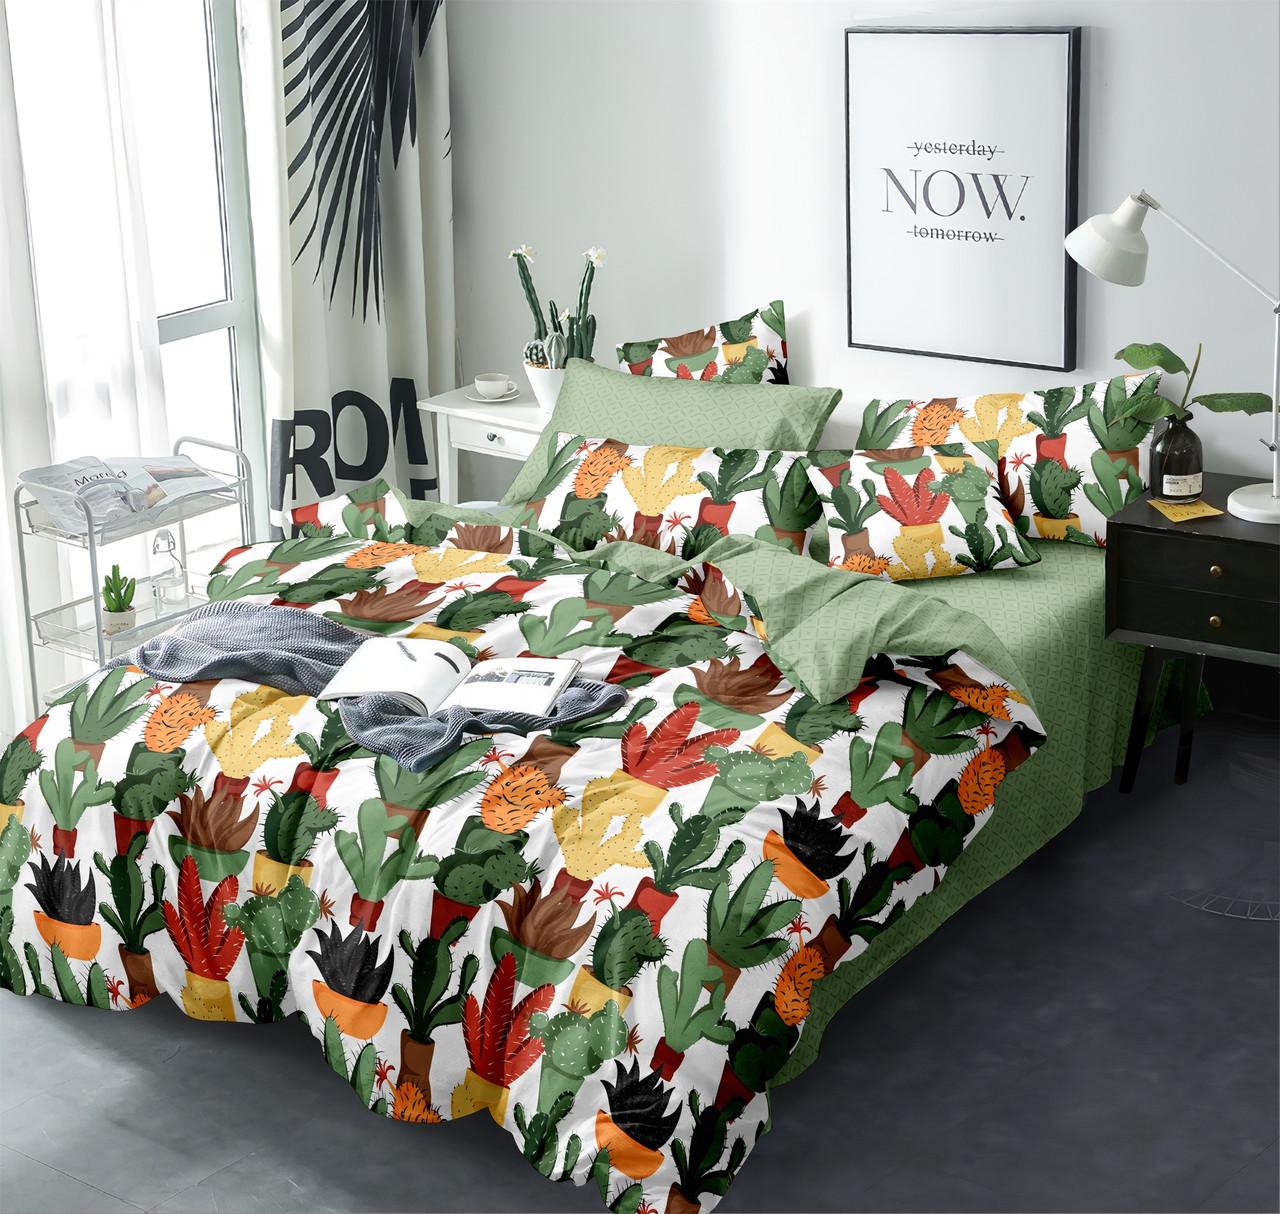 Двуспальный комплект постельного белья 180*220 сатин (13590) TM КРИСПОЛ Украина